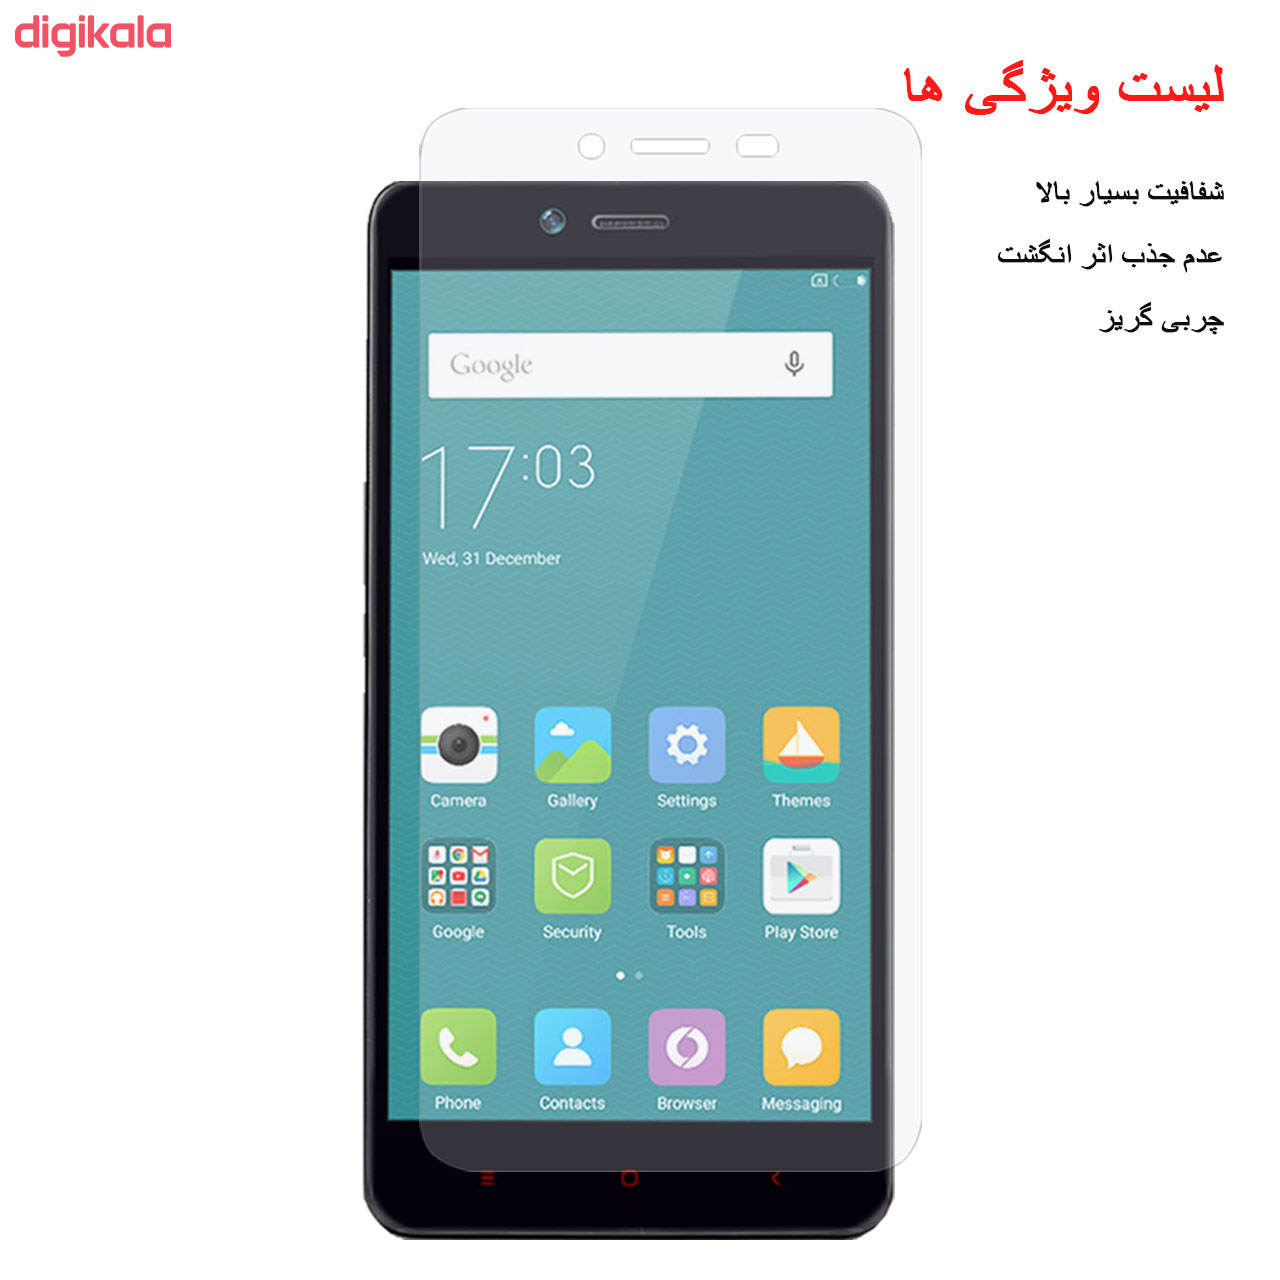 محافظ صفحه نمایش تراستکتور مدل GLS مناسب برای گوشی موبایل شیائومی Redmi Note 2 / Redmi Note 2 Prime بسته 3 عددی main 1 3